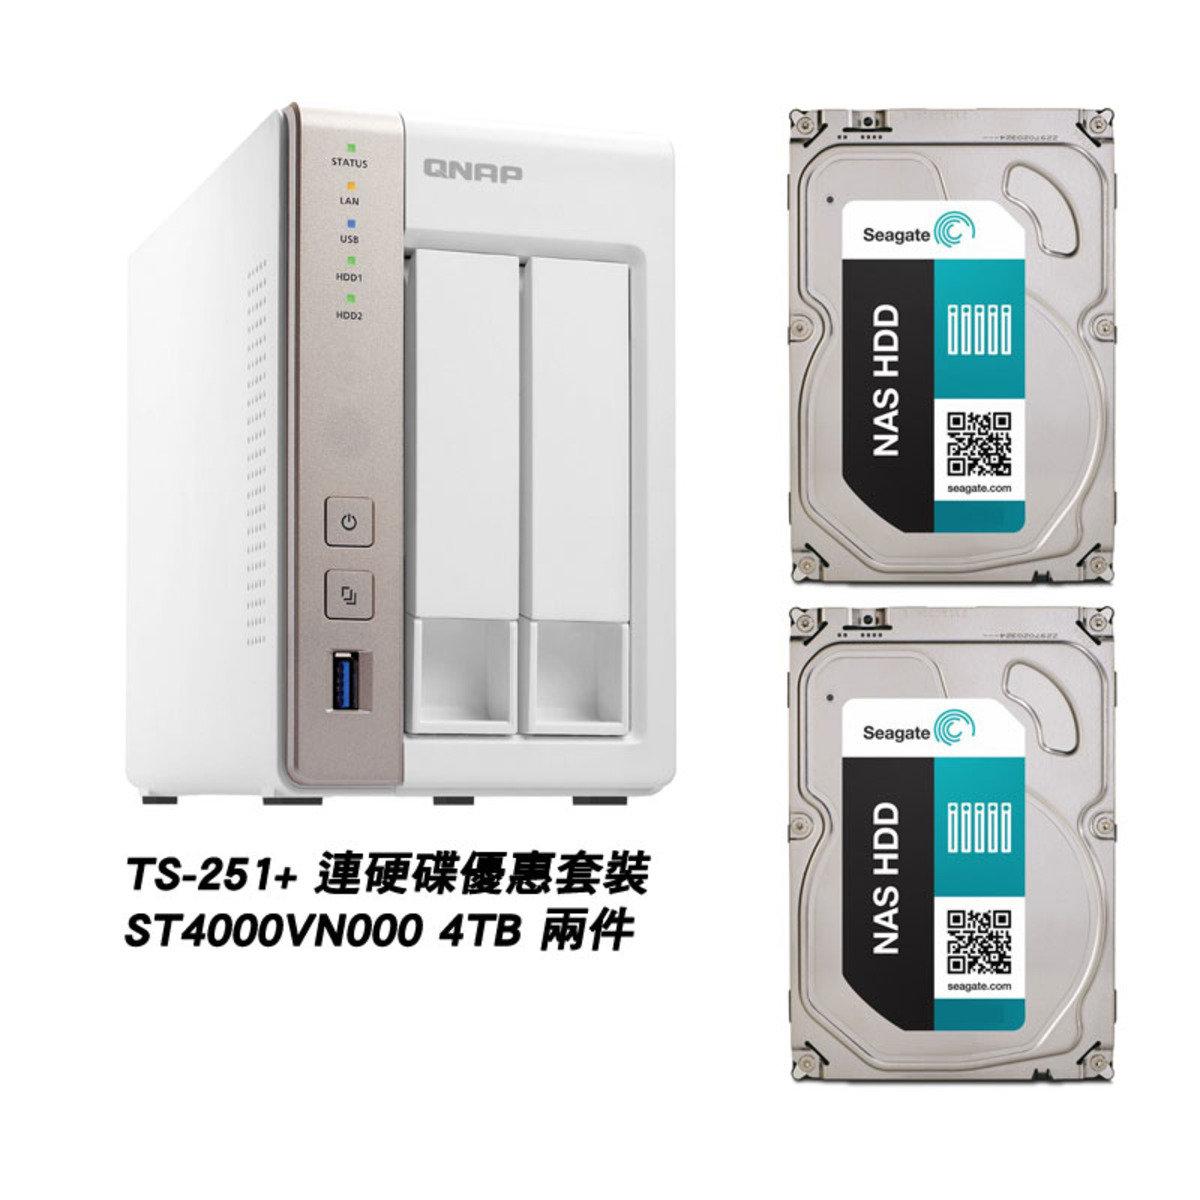 (連硬碟優惠套裝) 2-Bay 雲端網絡儲存分享系統  8TB TS-251plus-2G-0204N-01